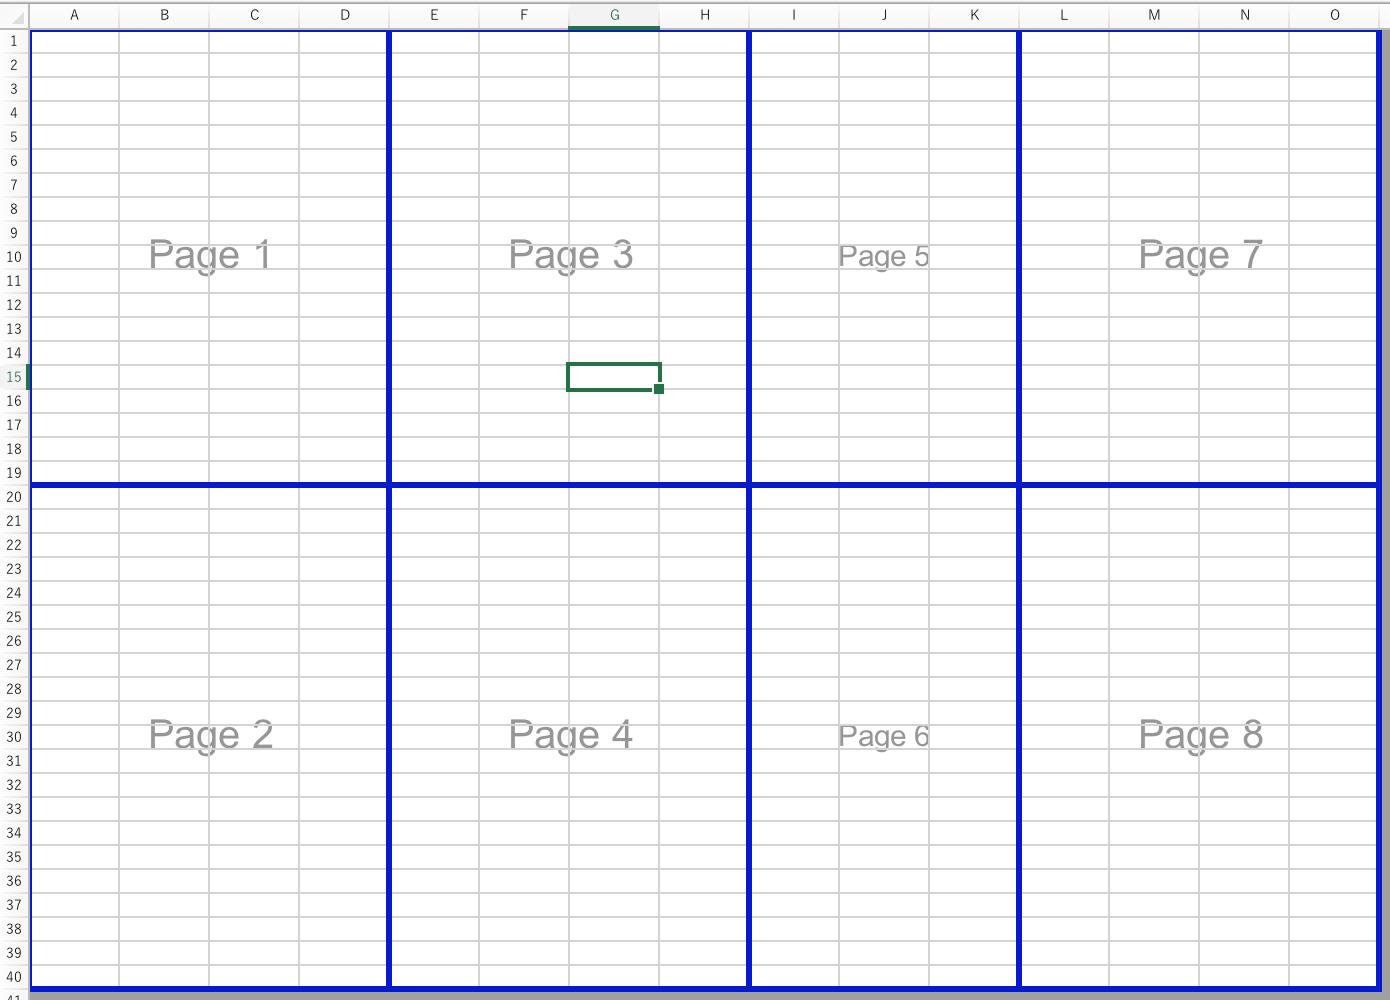 預覽顯示 8 頁面的分頁符號